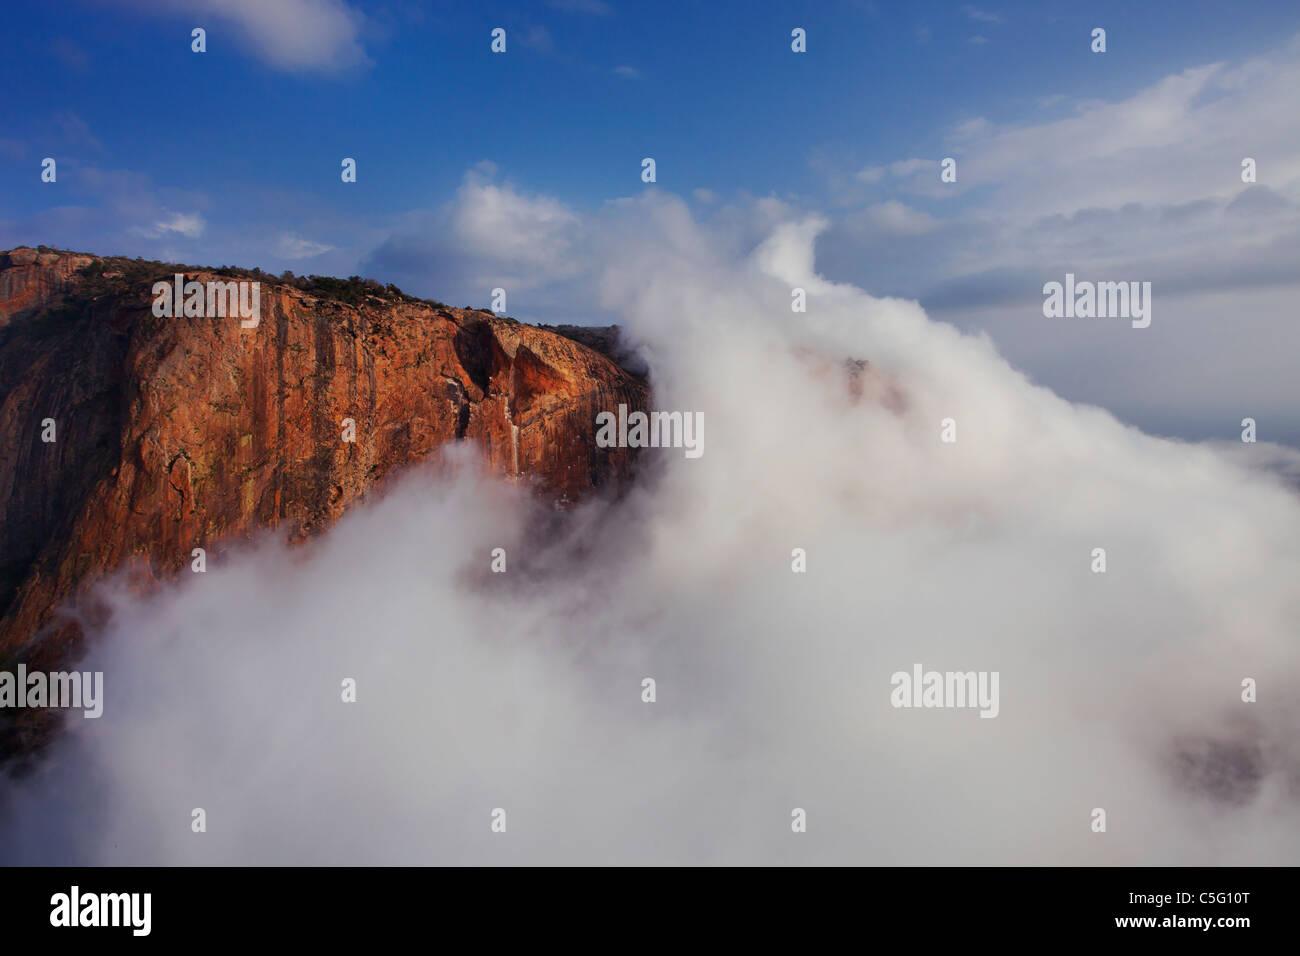 Ololokwe mountain est un site remarquable dans le nord du Kenya. Photo Stock